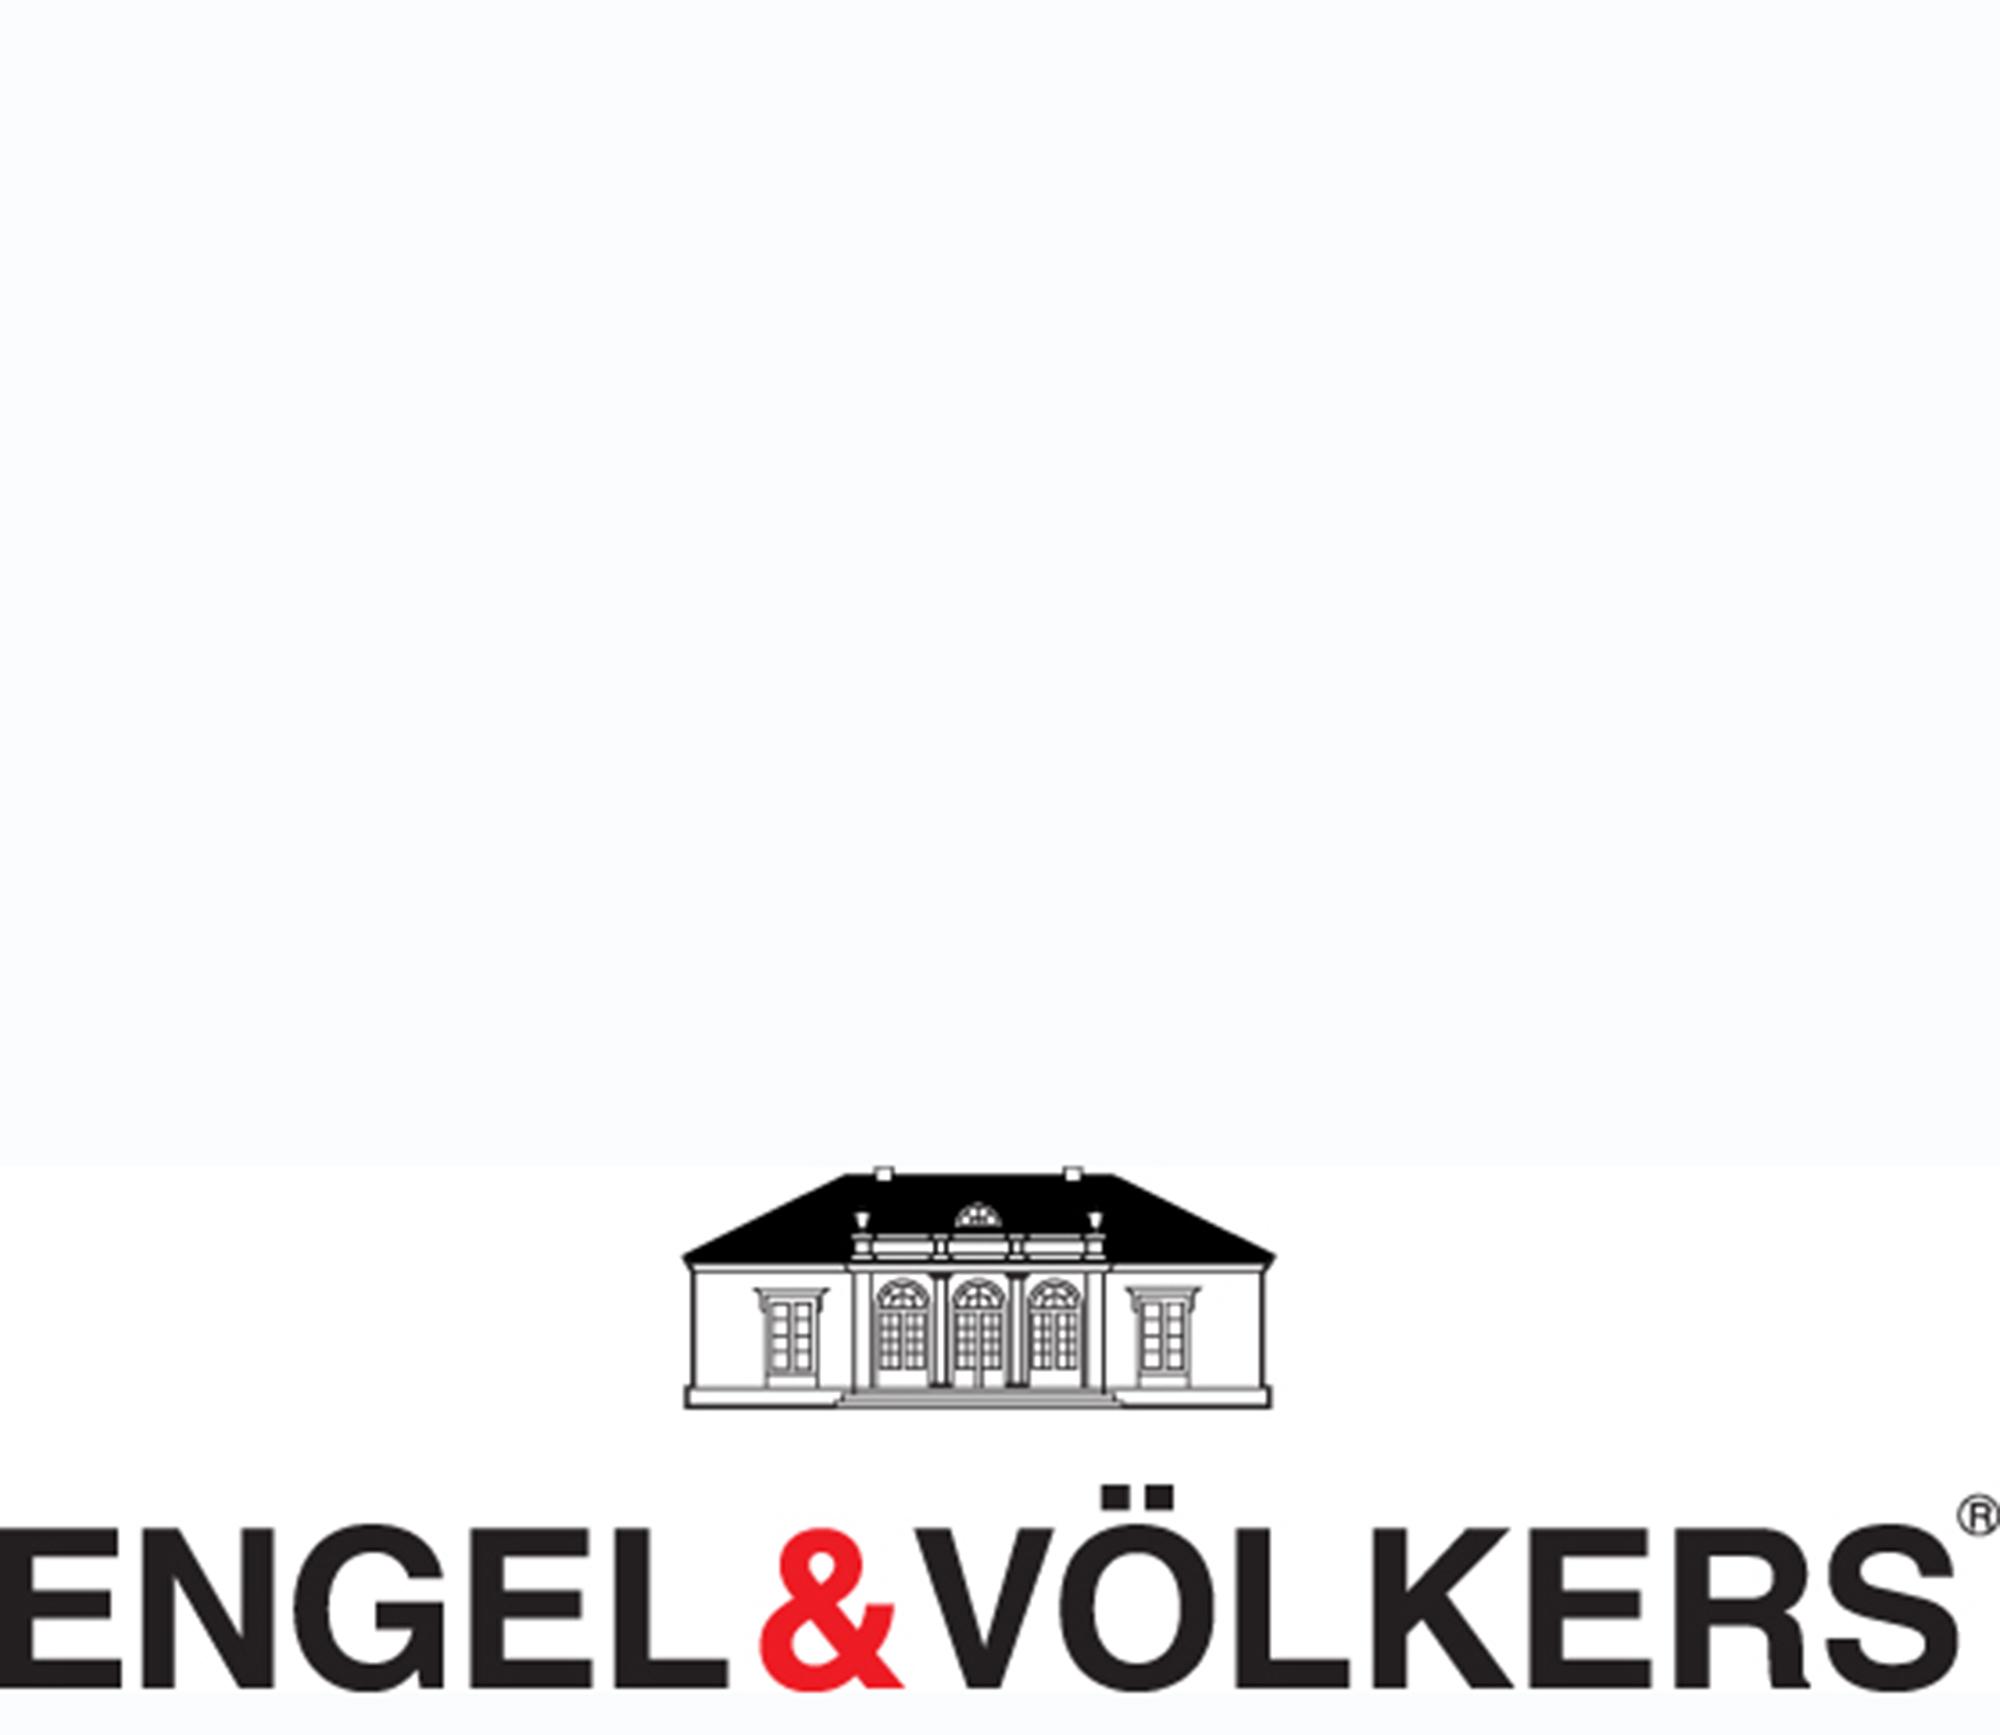 Hier sehen Sie das Logo von Engel & Völkers